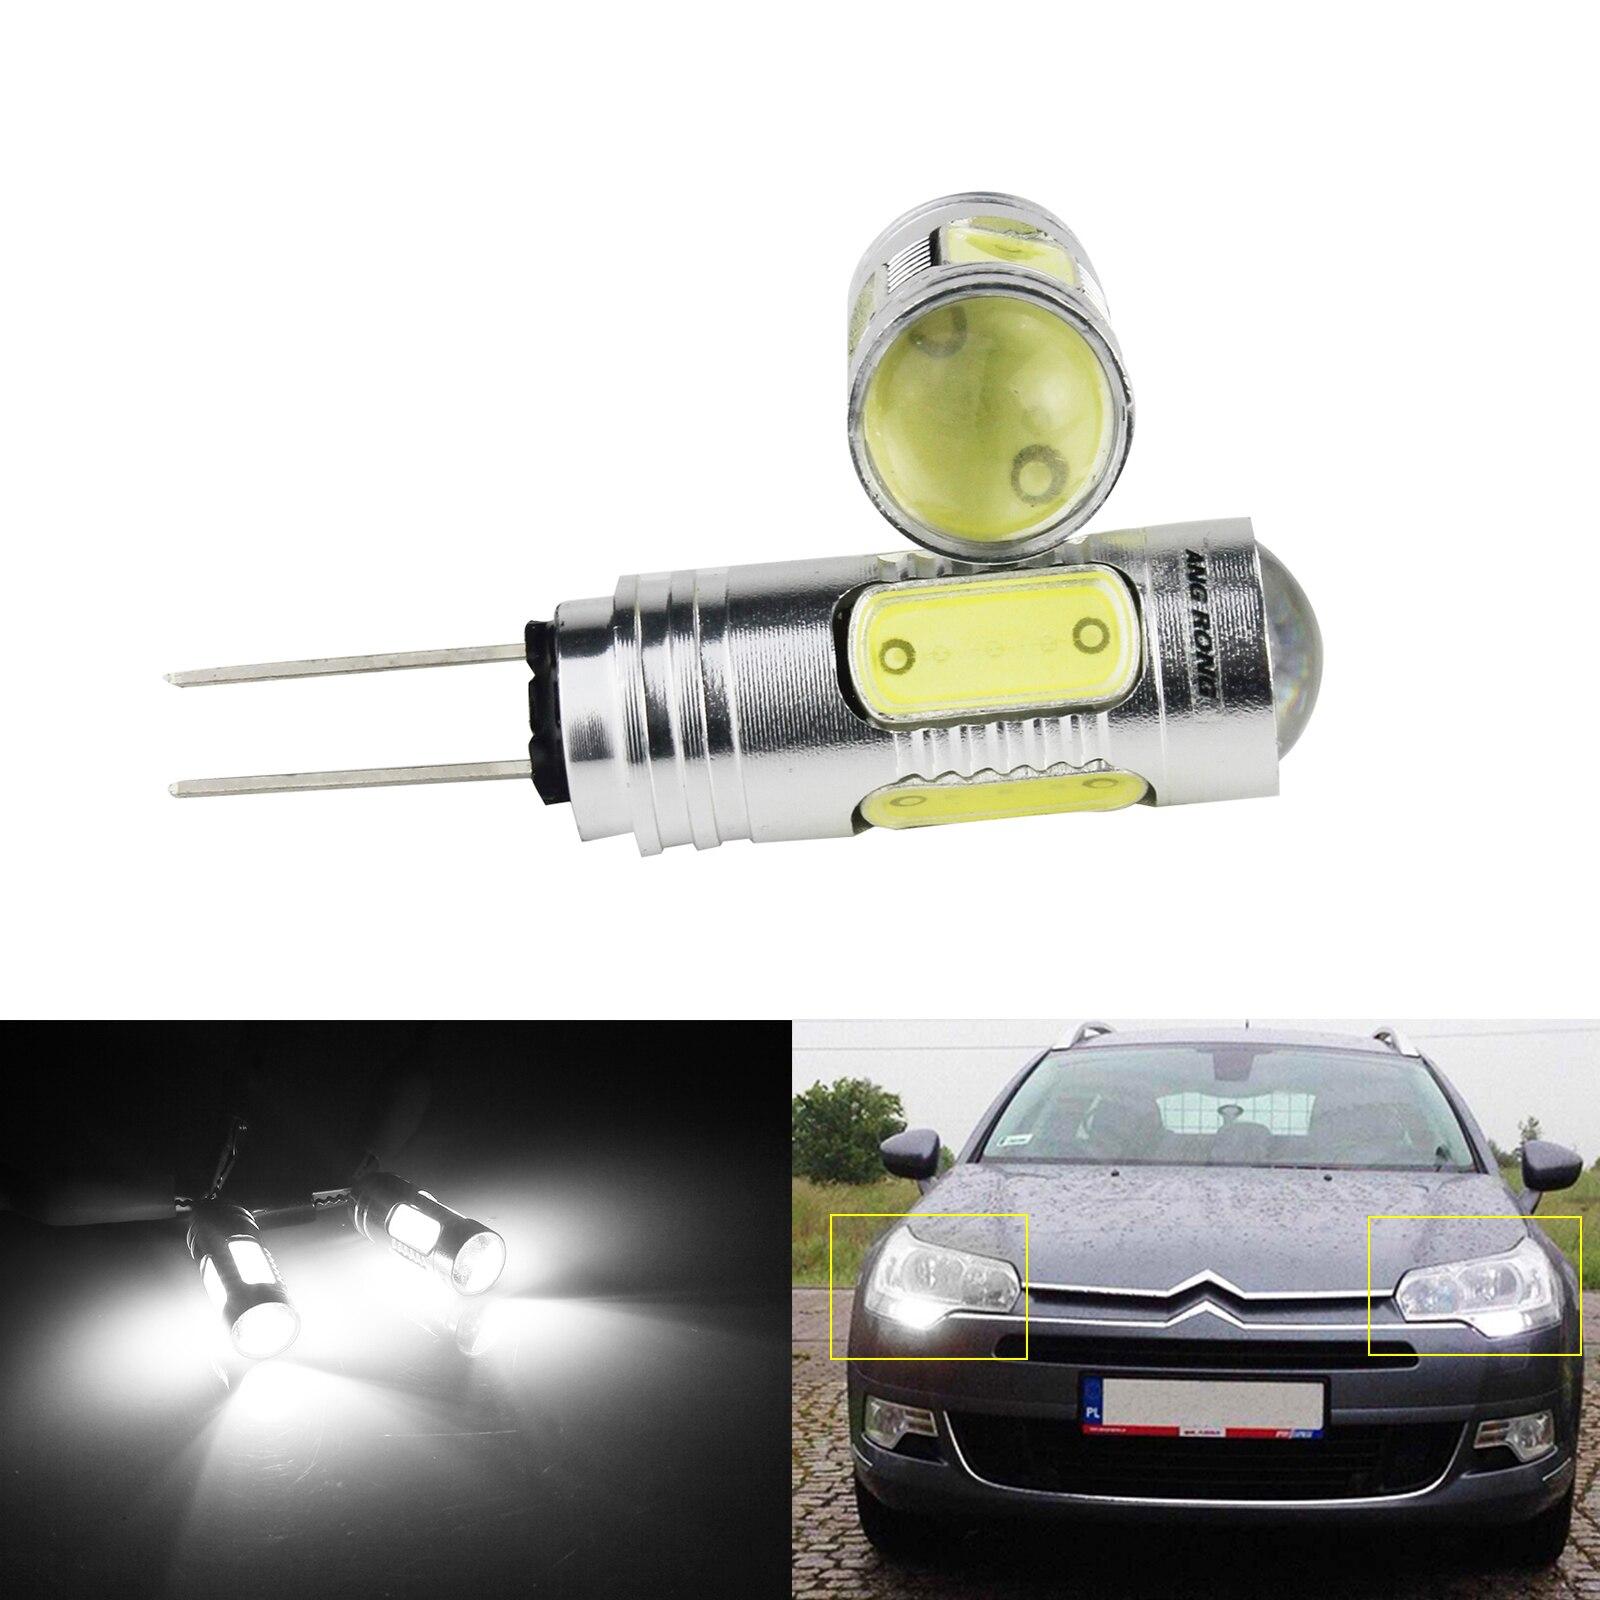 ANGRONG 2x Белая светодиодная лампа HP24W HPY24W G4 COB, босветильник световой индикатор, дневные ходовые огни, лампы для Peugeot 3008 5008 лимонный